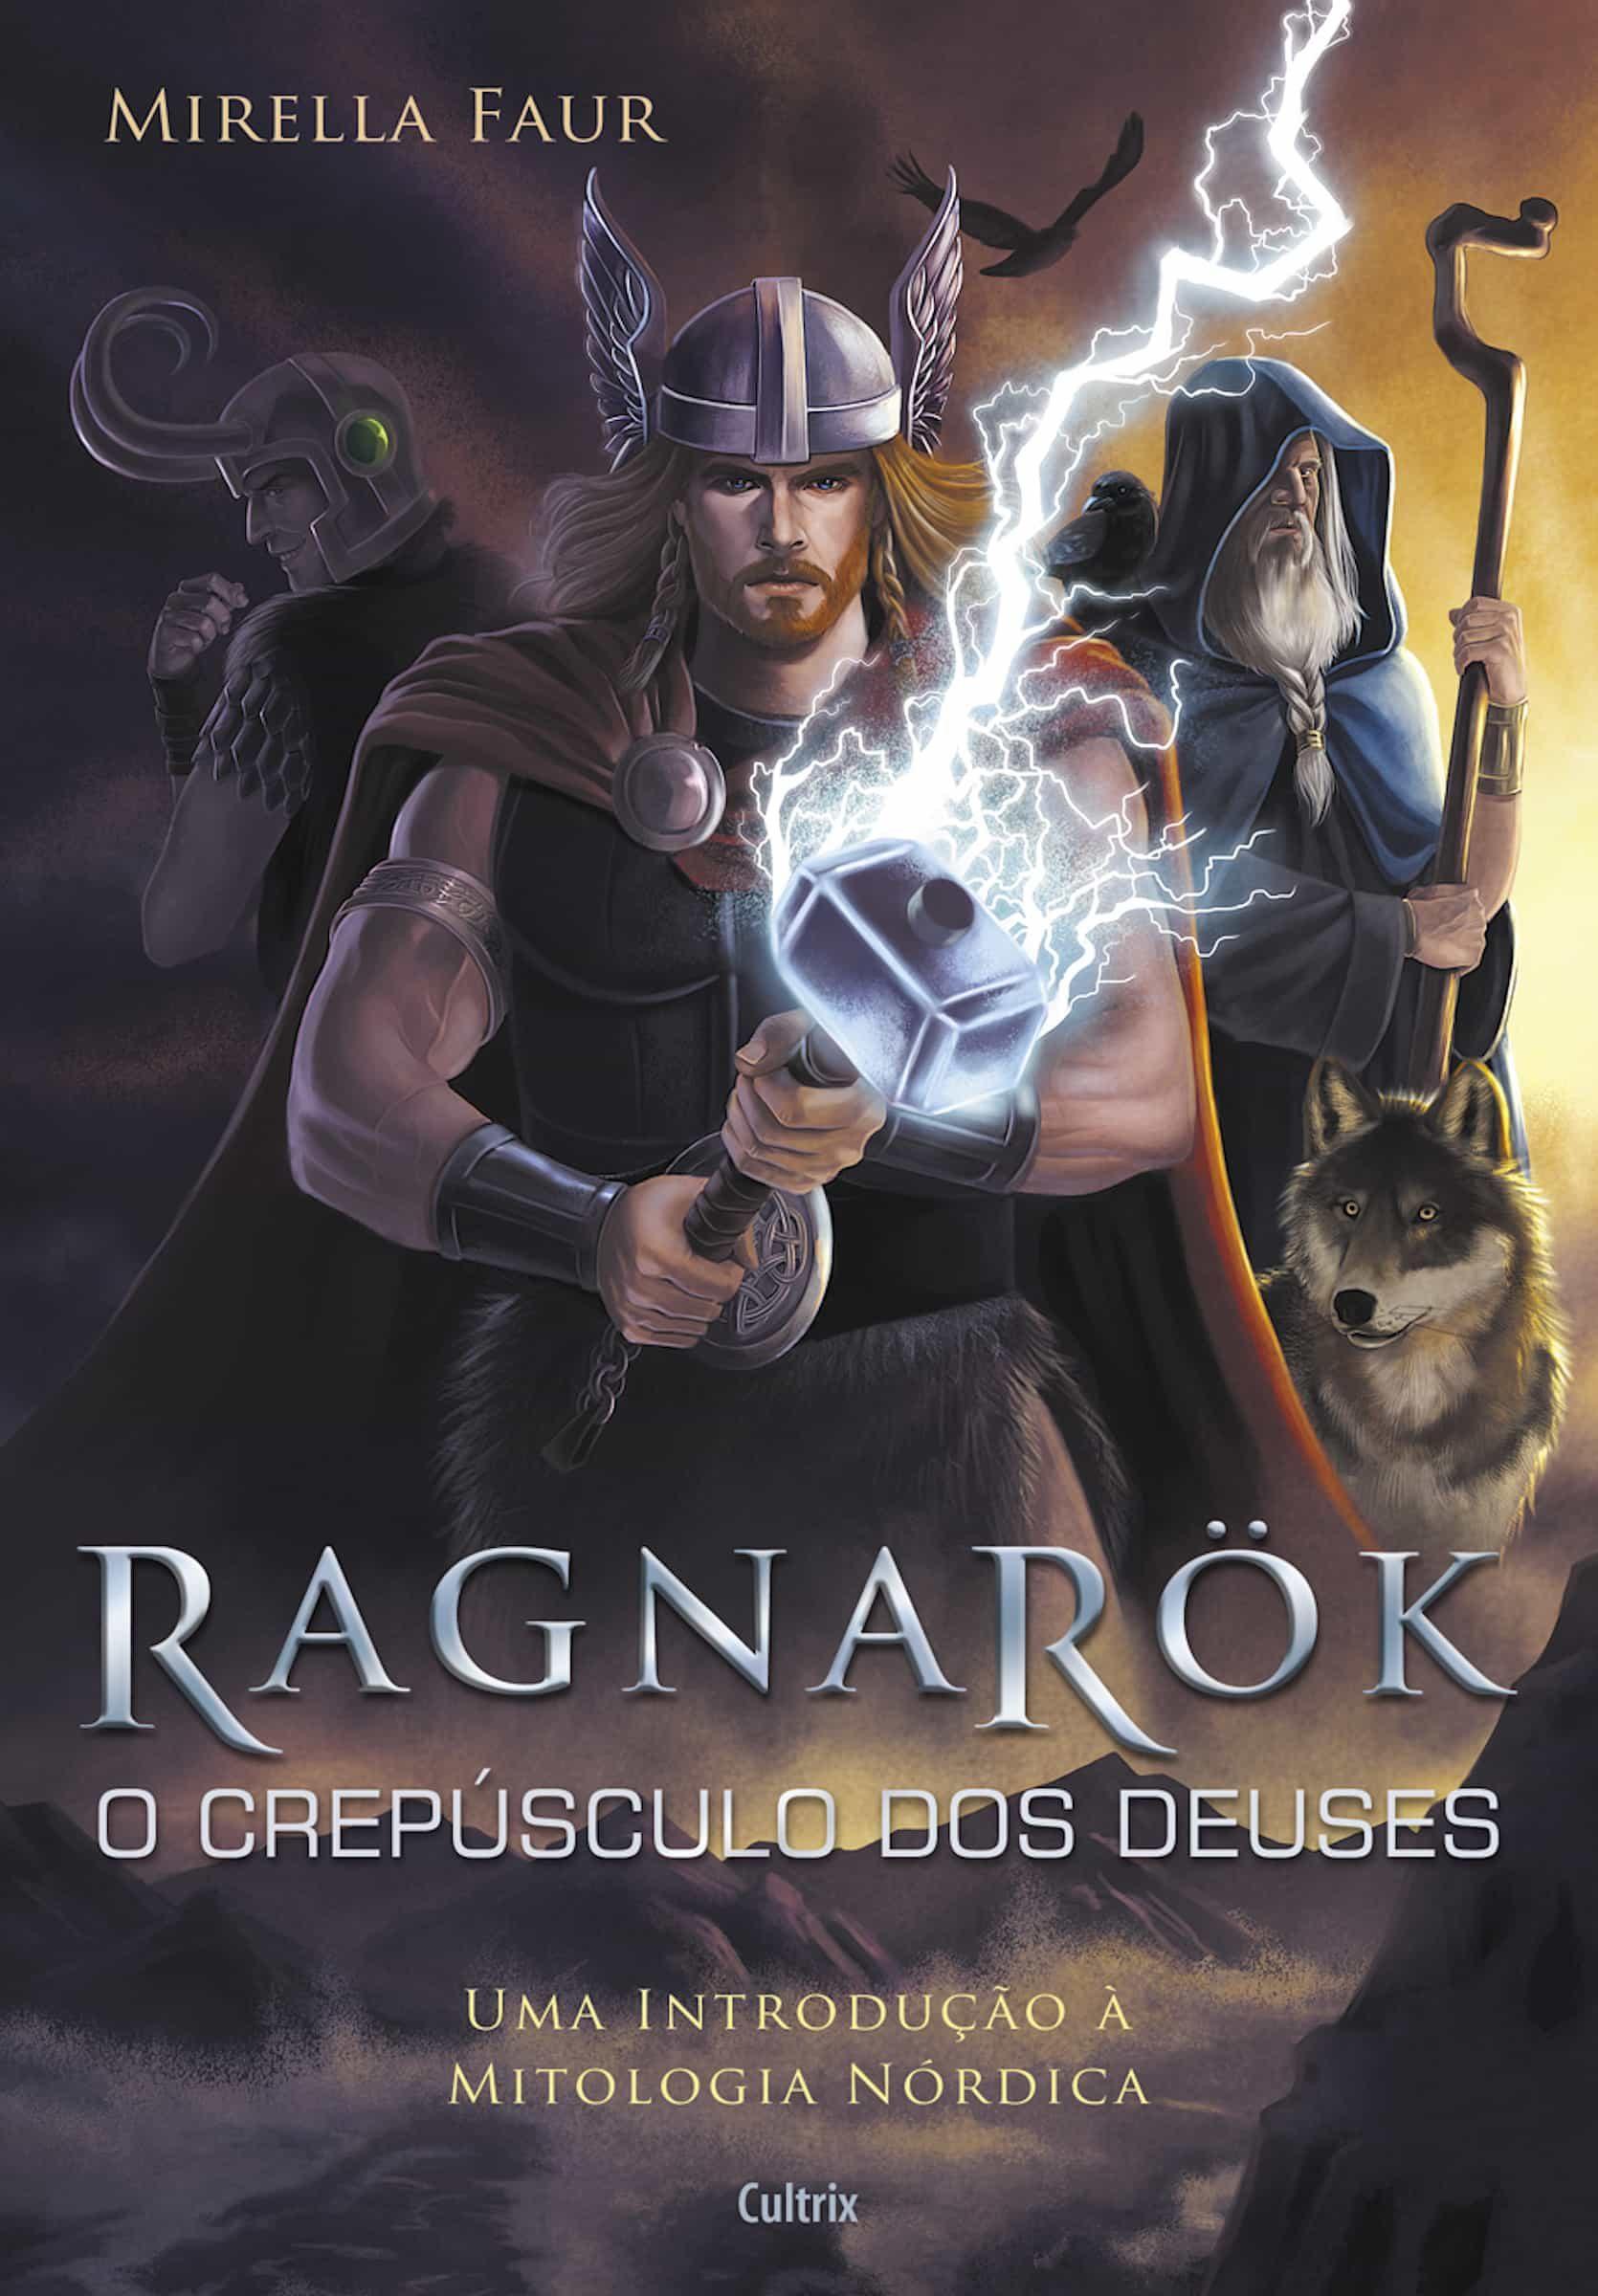 Mitologia Nordica Pdf